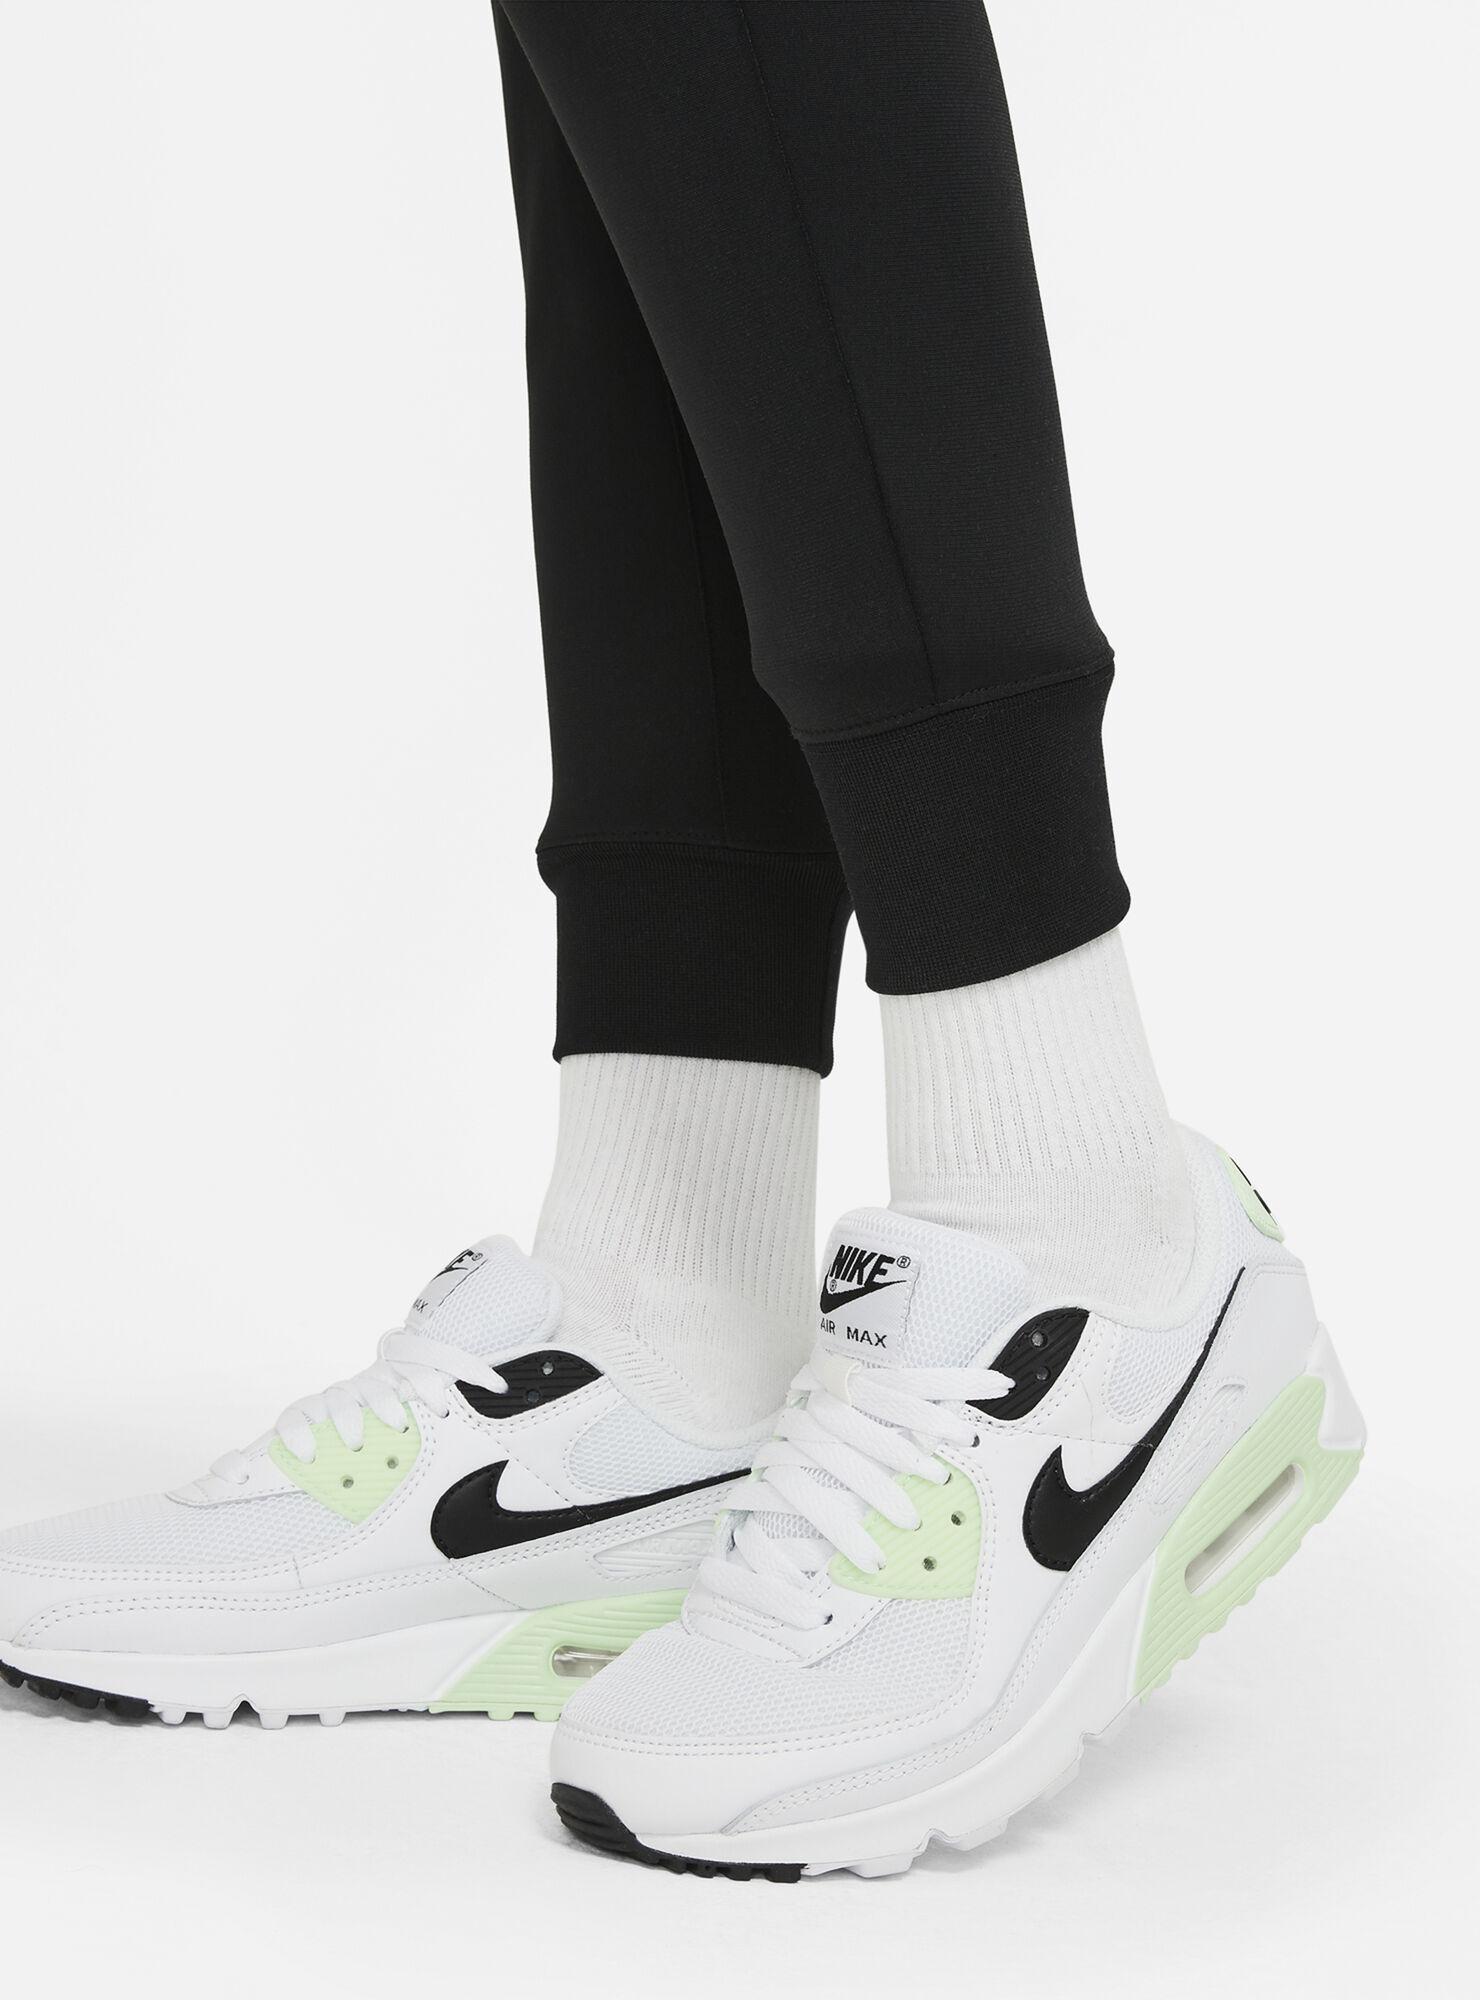 delicado Encantada de conocerte préstamo  Pantalón Nike Negro Sportswear Mujer - Calzas y Pantalones | Paris.cl